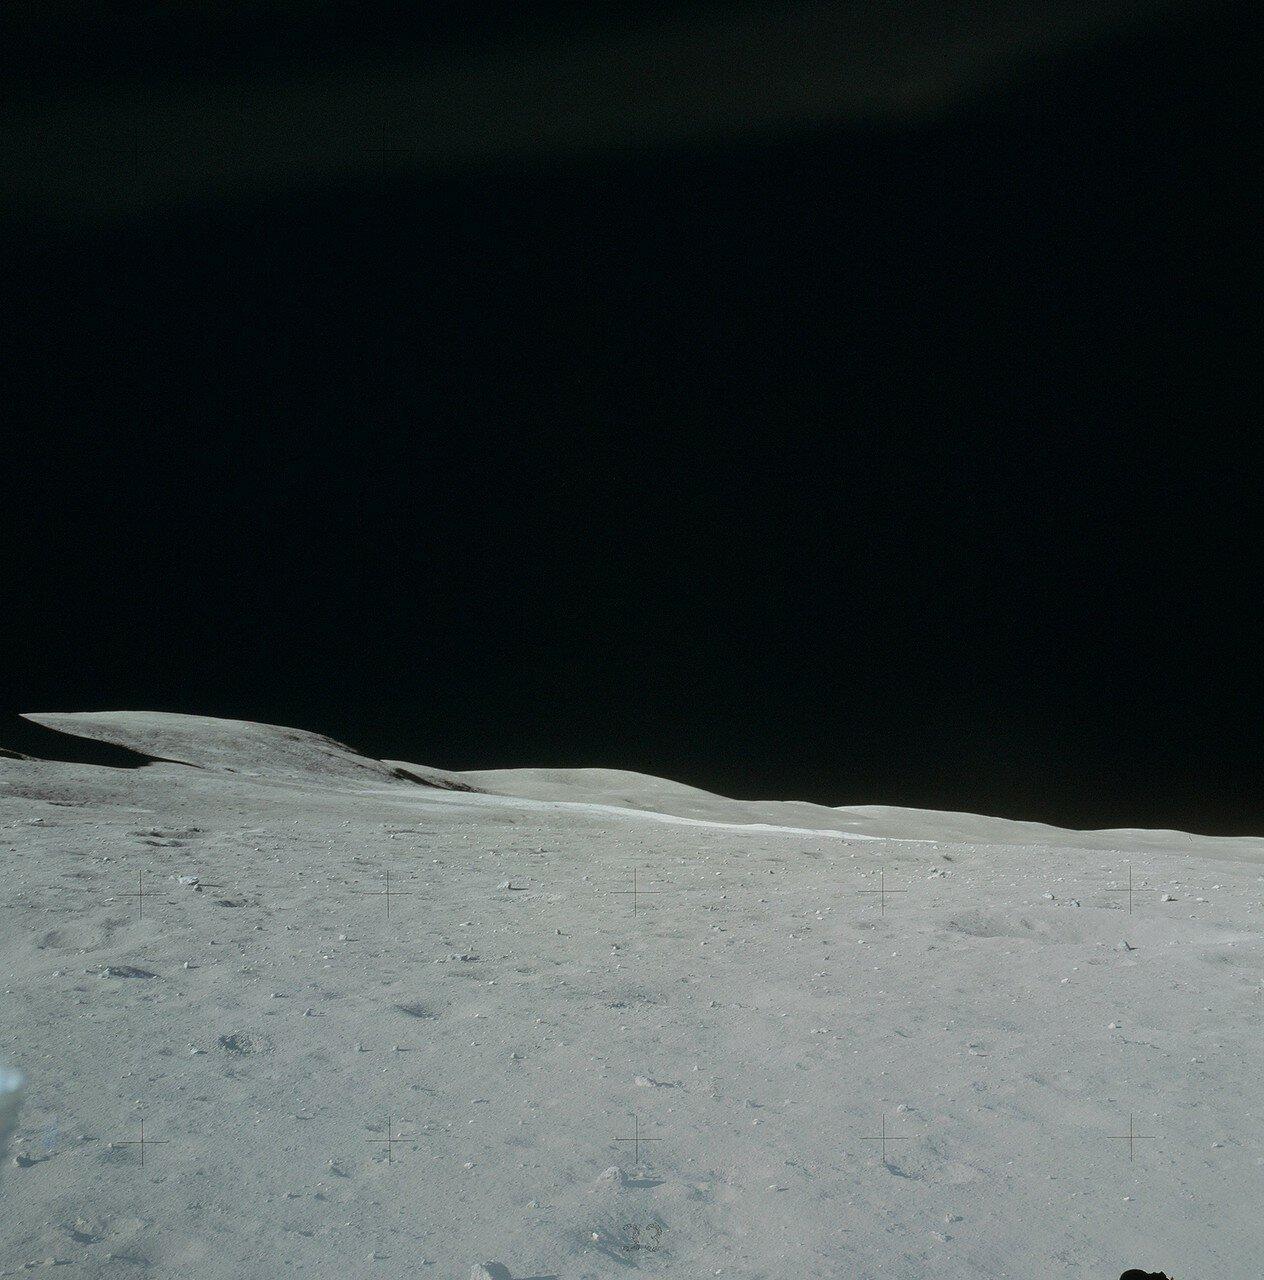 Проверив герметичность скафандров, астронавты начали разгерметизацию кабины.  На снимке: Местность правее горы Стоун Маунтин. Светлая полоса в центре — выброс породы от метеоритного удара вокруг кратера Южный Луч